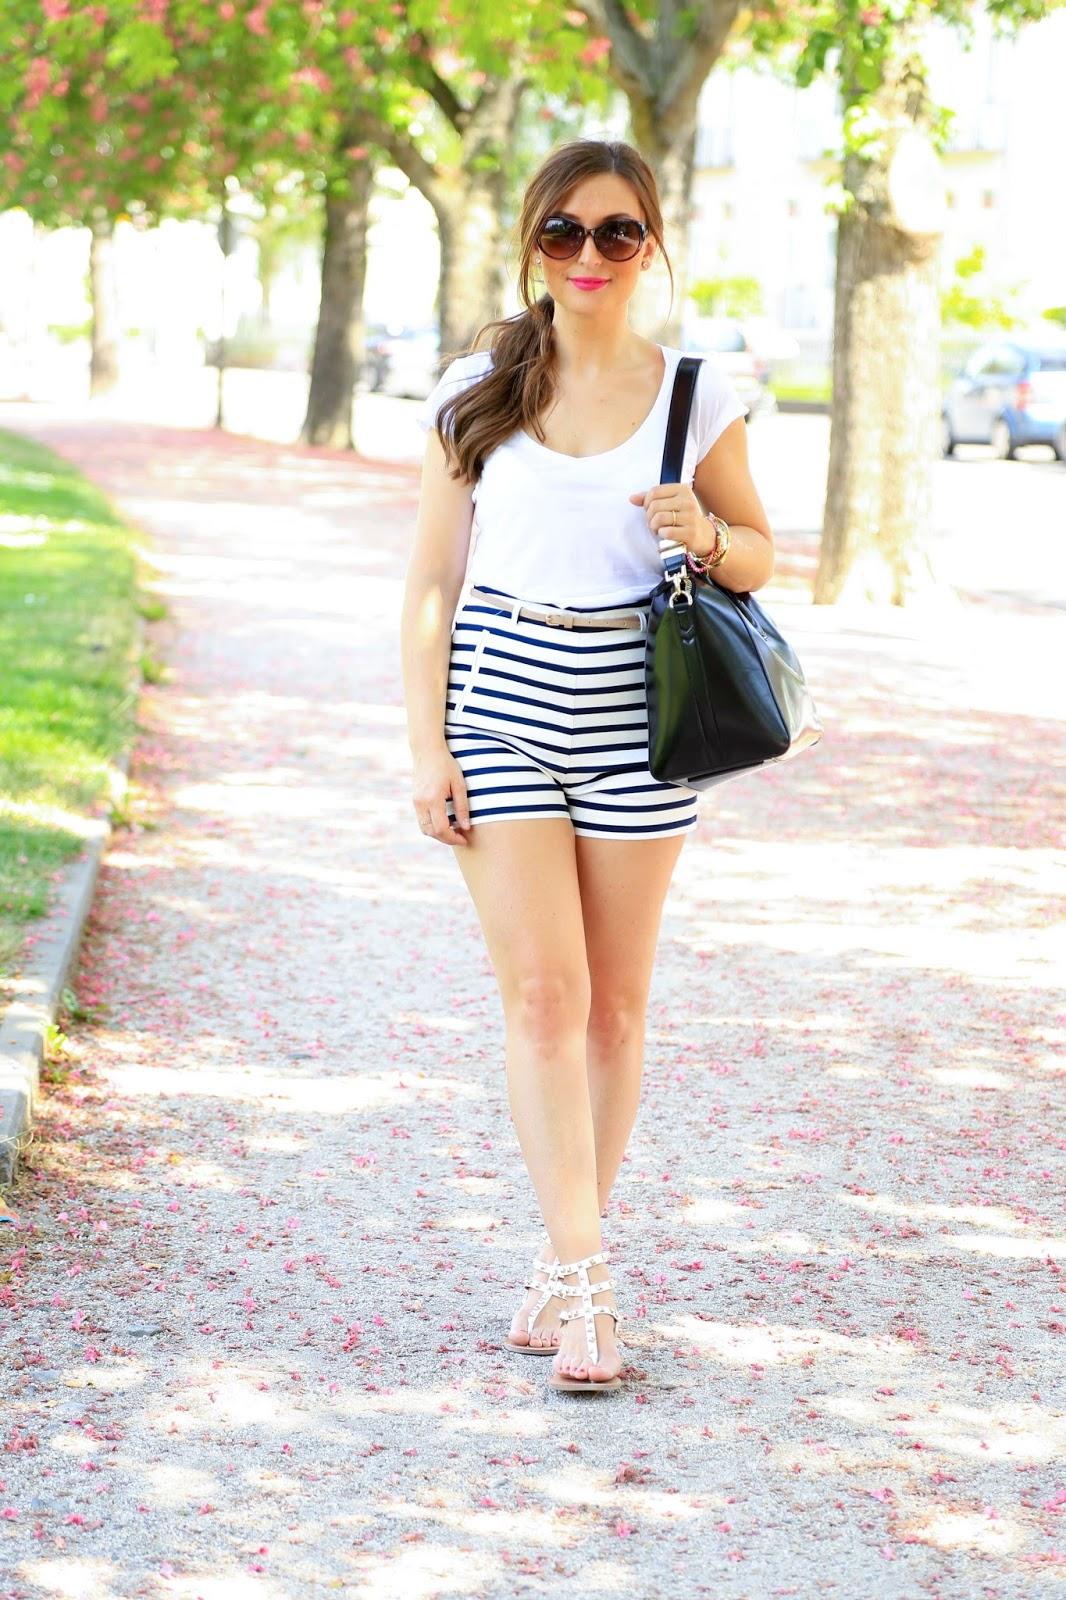 Zara Hose - Fashionblogger aus Frankfurt - Frankfurt Fashionblogger - Fashionblog - German Fashionblogger - Fashionstylebyjohanna - Hut - Casual Look - YSL Tasche - Saint Laurent TascheBlogger aus Deutschland